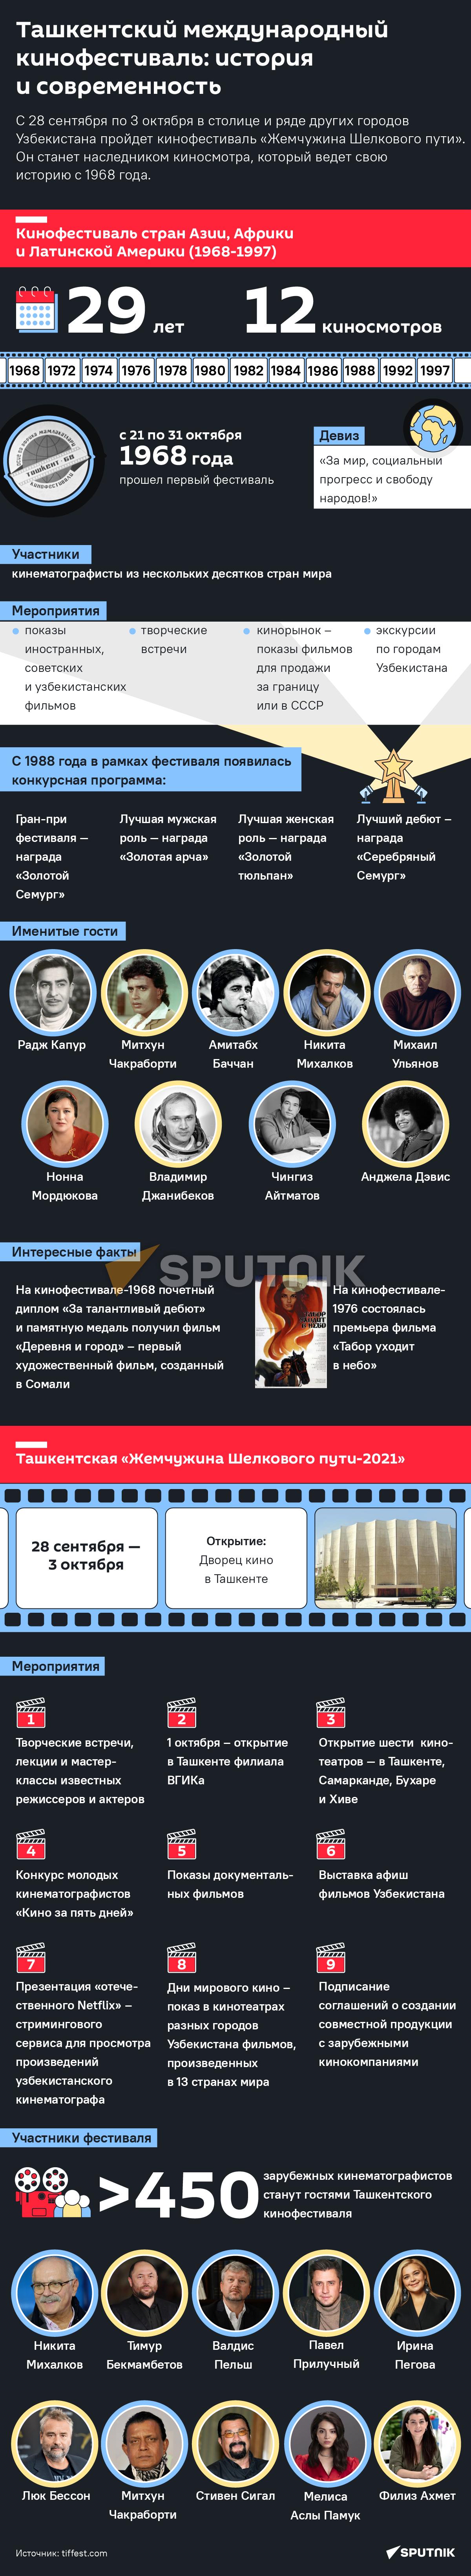 Кинофестиваль в Ташкенте 2021 десктоп - Sputnik Узбекистан